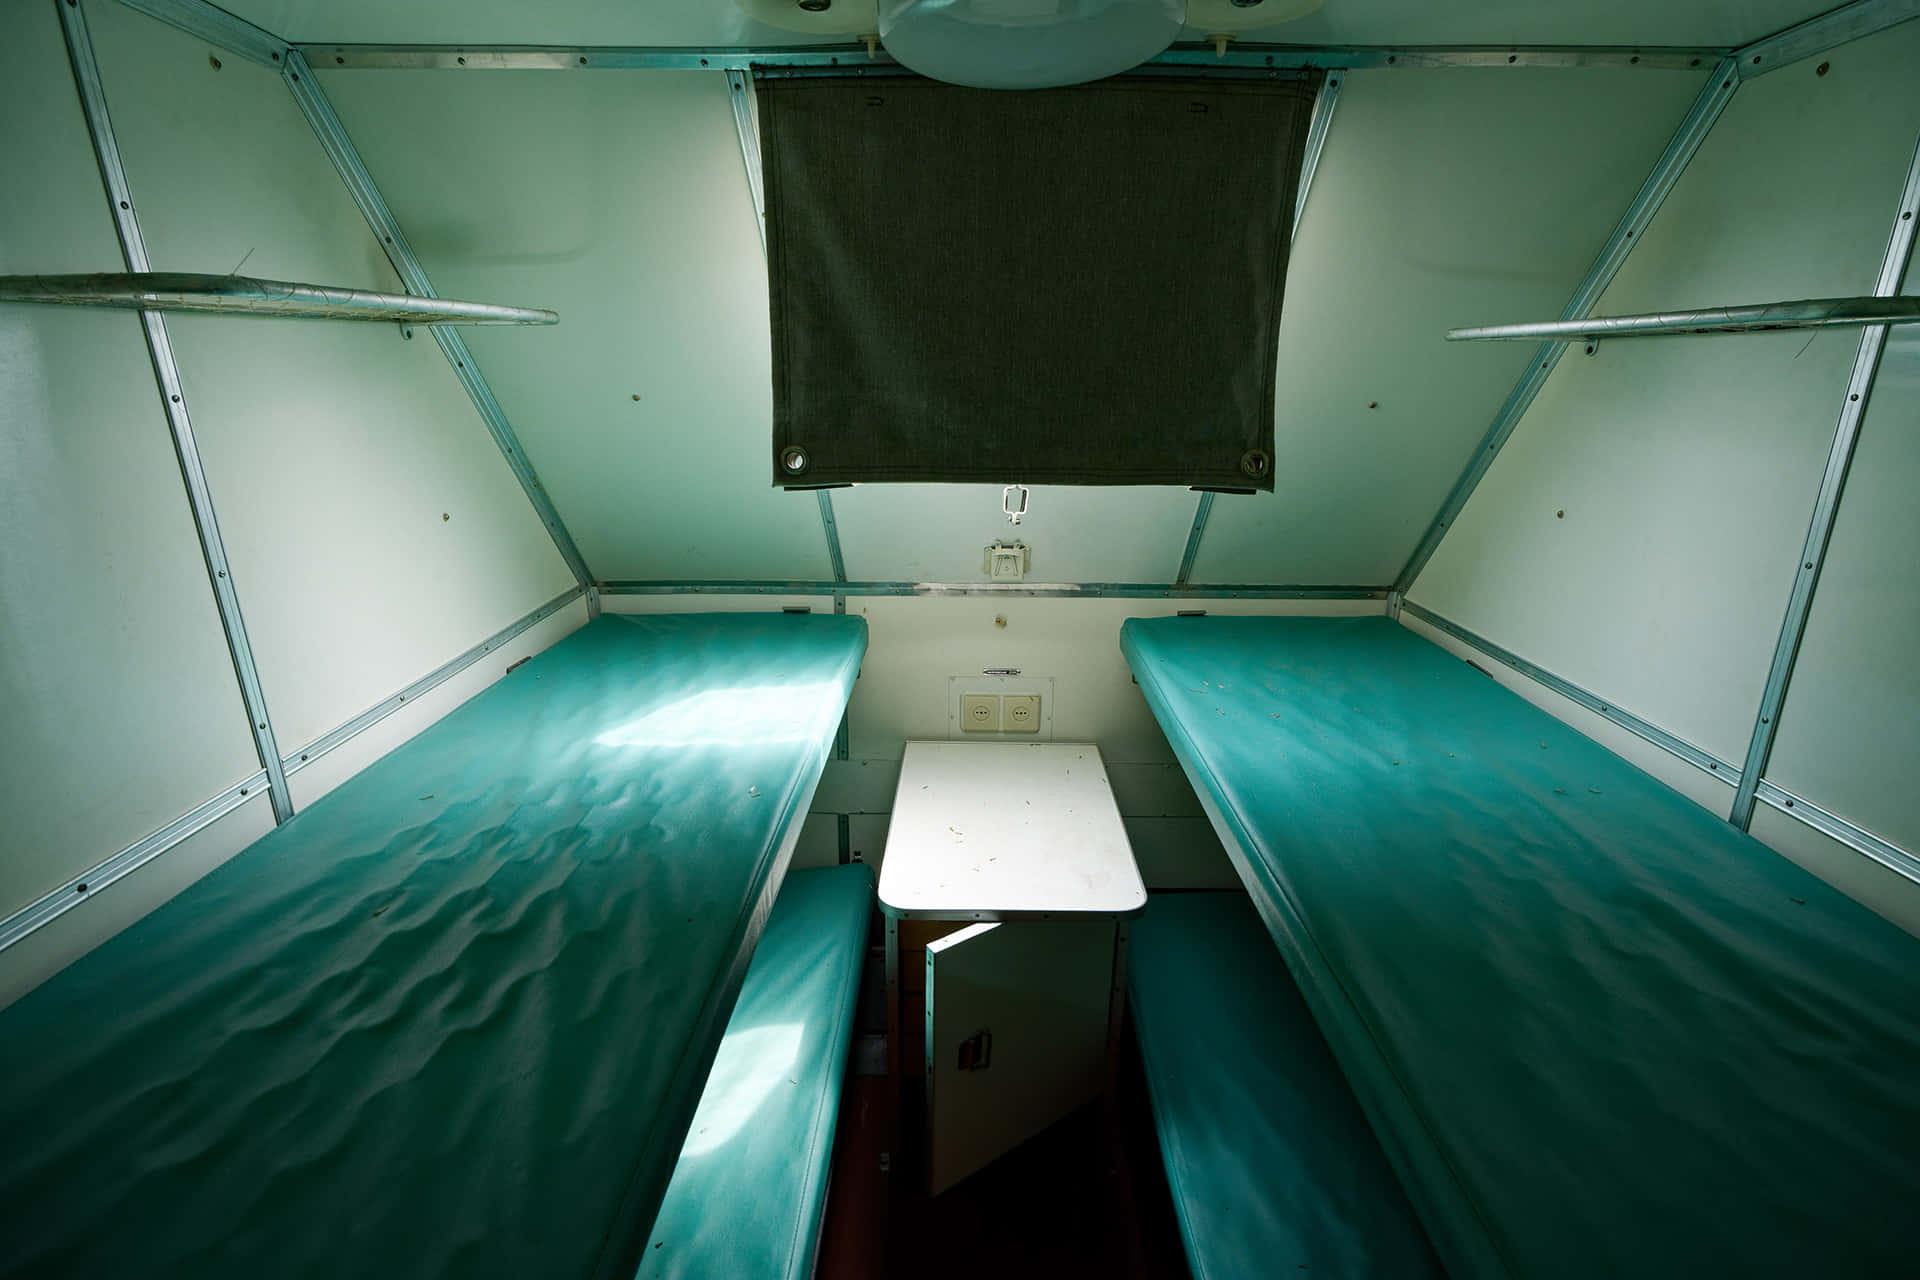 Внутри МАЗа – небольшие кубрики, похожие на купе в поезде